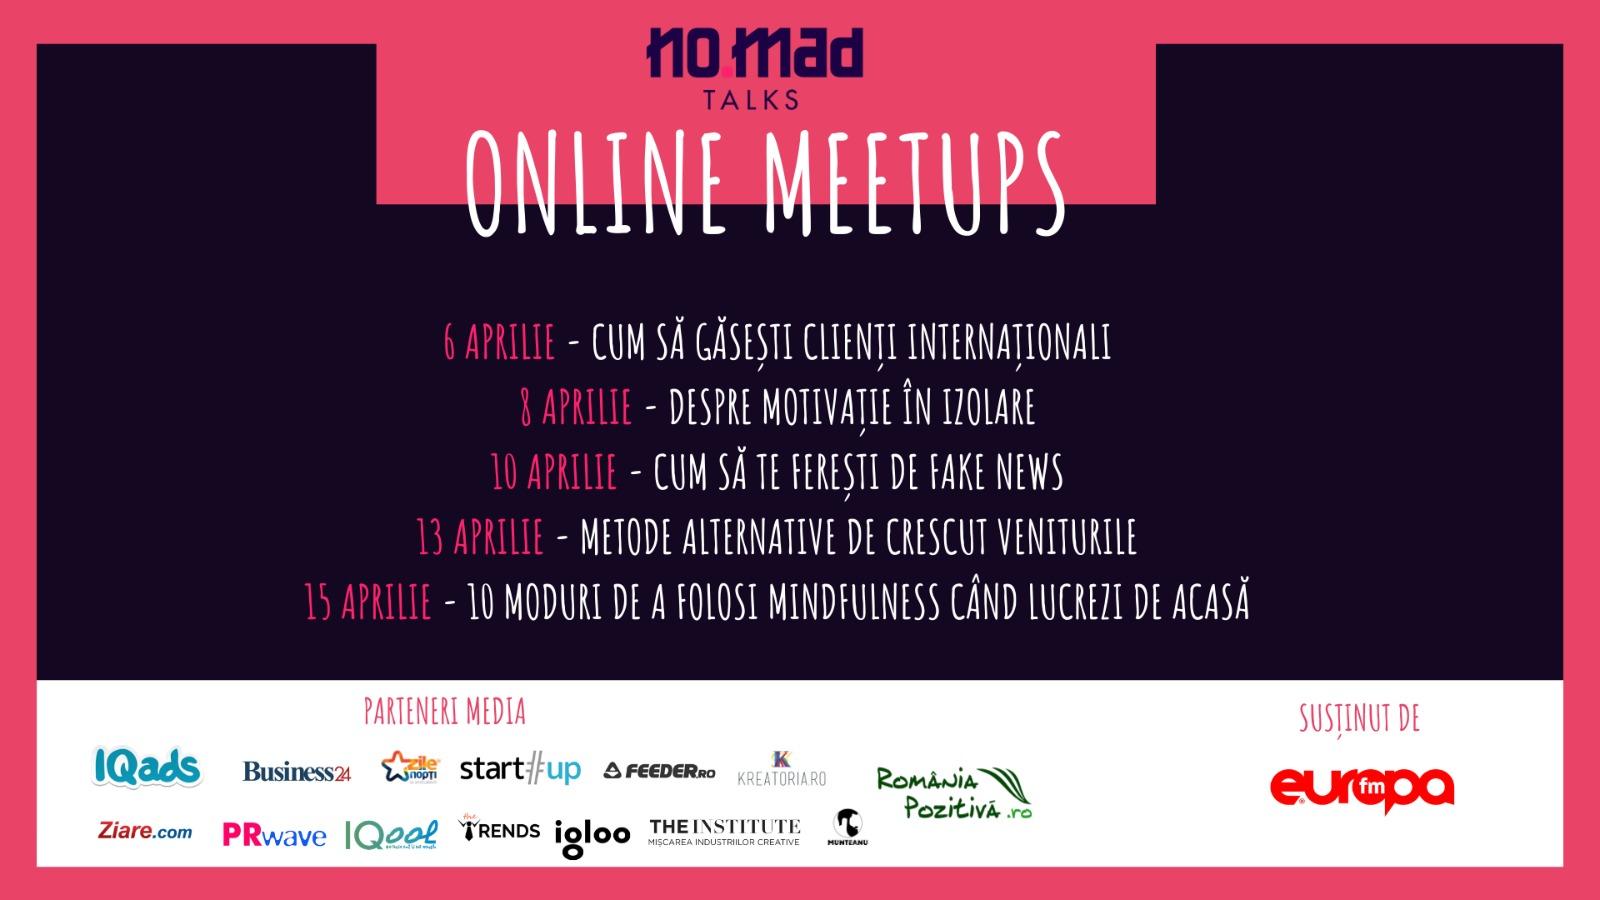 Peste 200 de participanți la NO.MAD Talks Online Meetups, întâlnirile online care susțin comunitatea de freelanceri